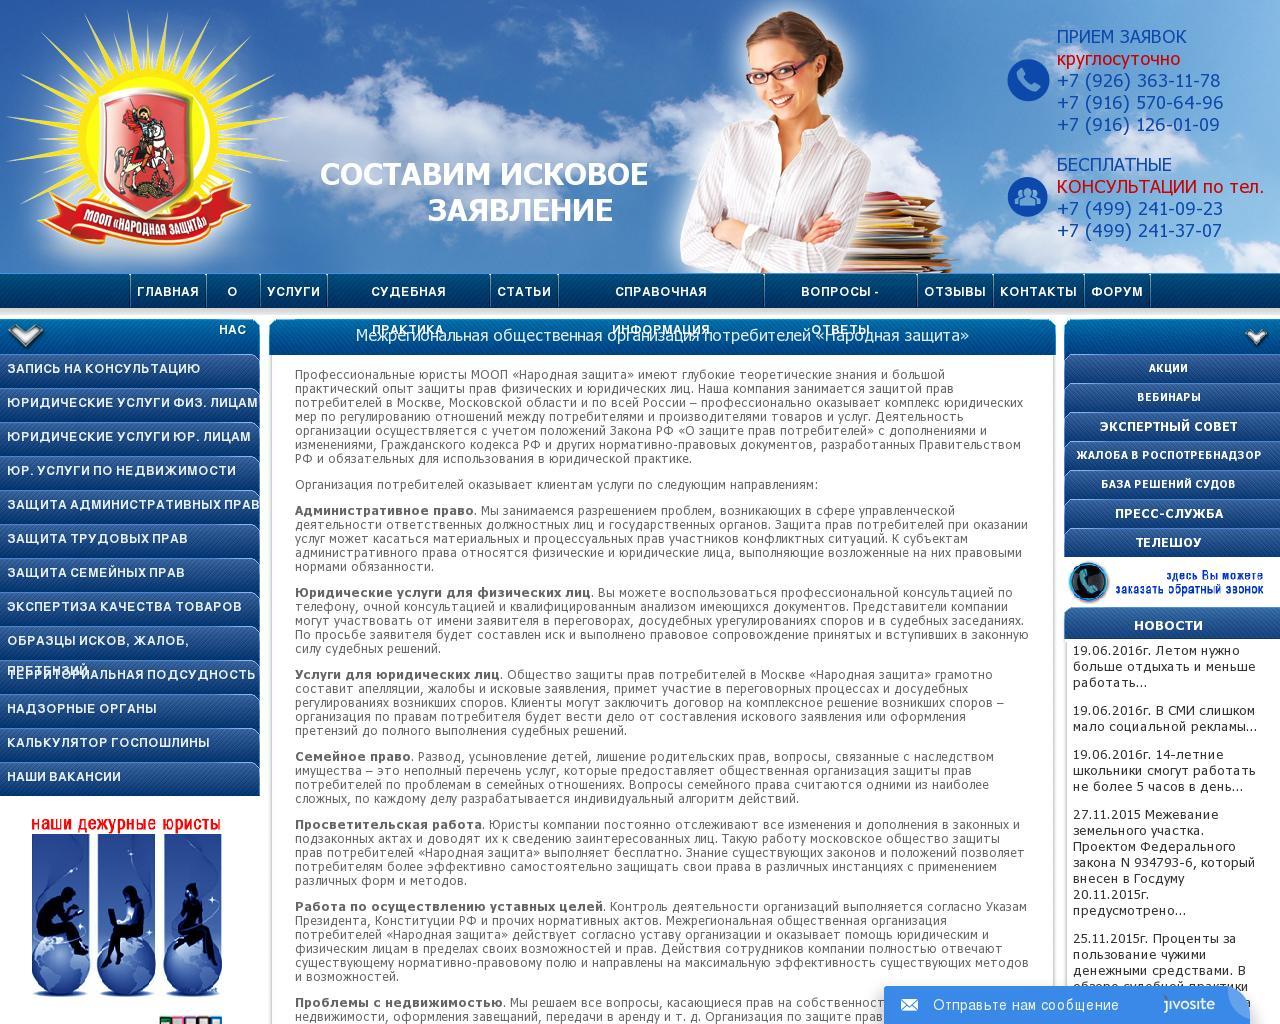 Общество защиты прав потребителей в московской области молча следовал